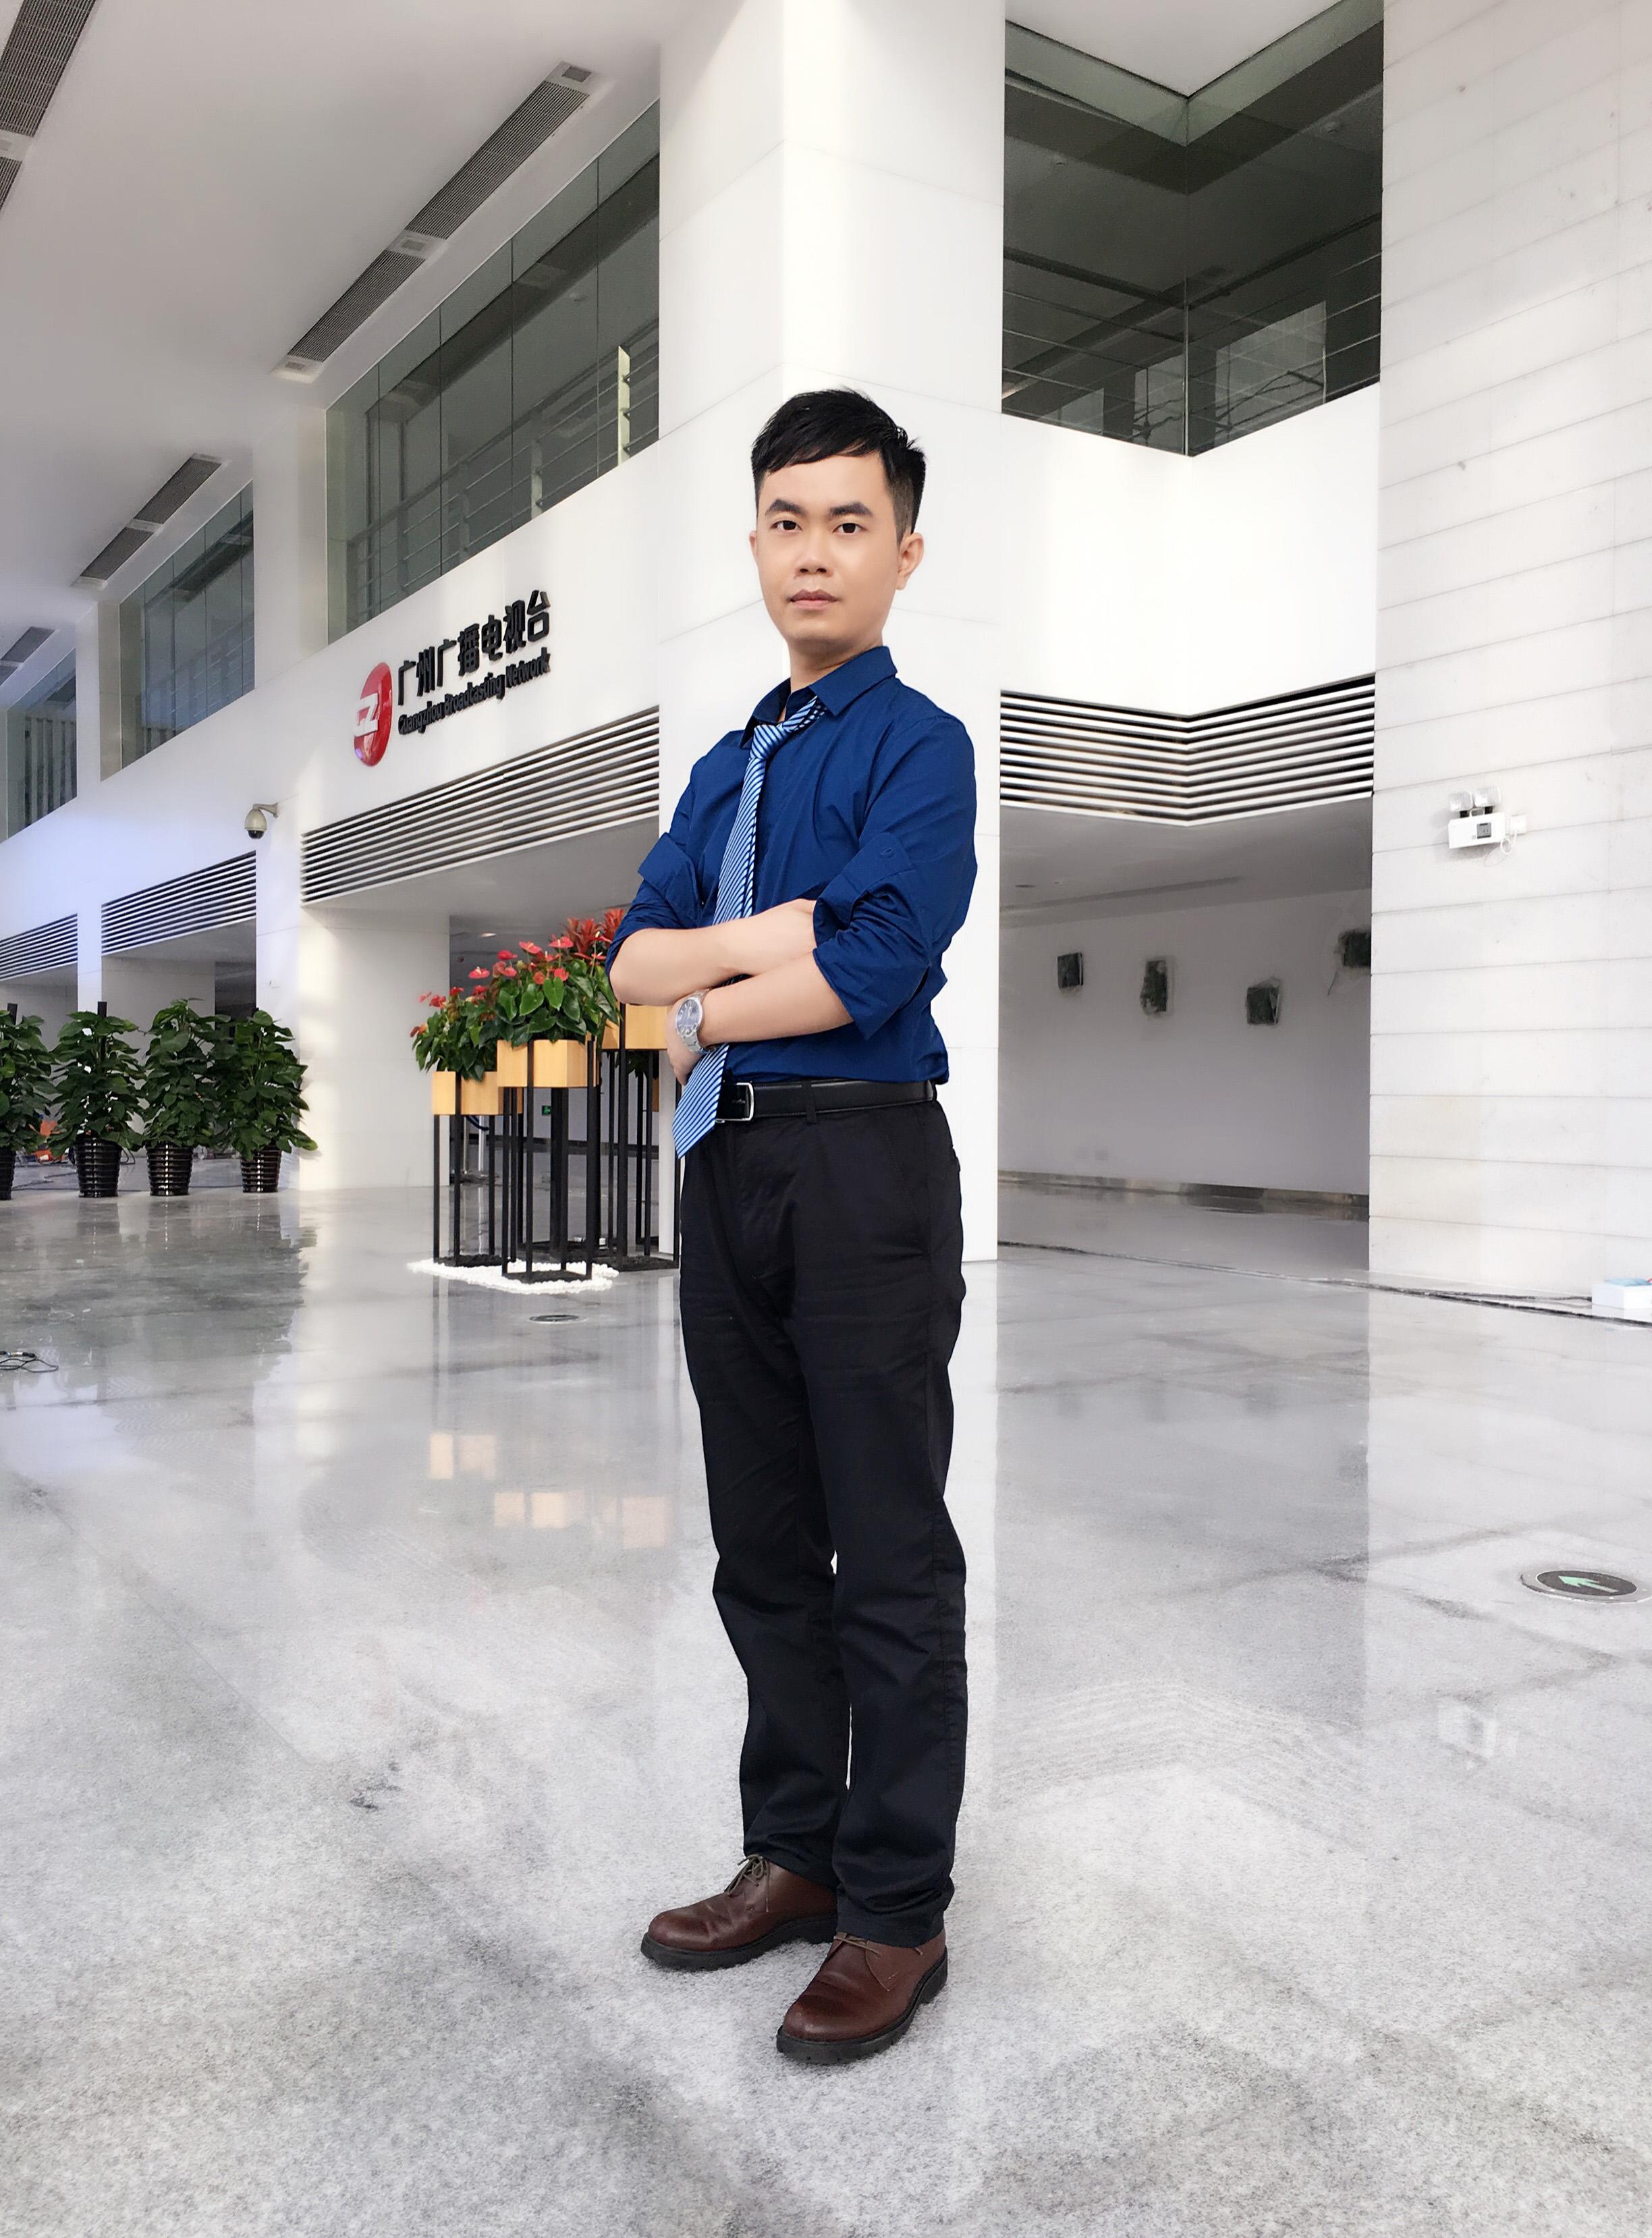 马俊哲律师在广州电视台拍摄节目花絮